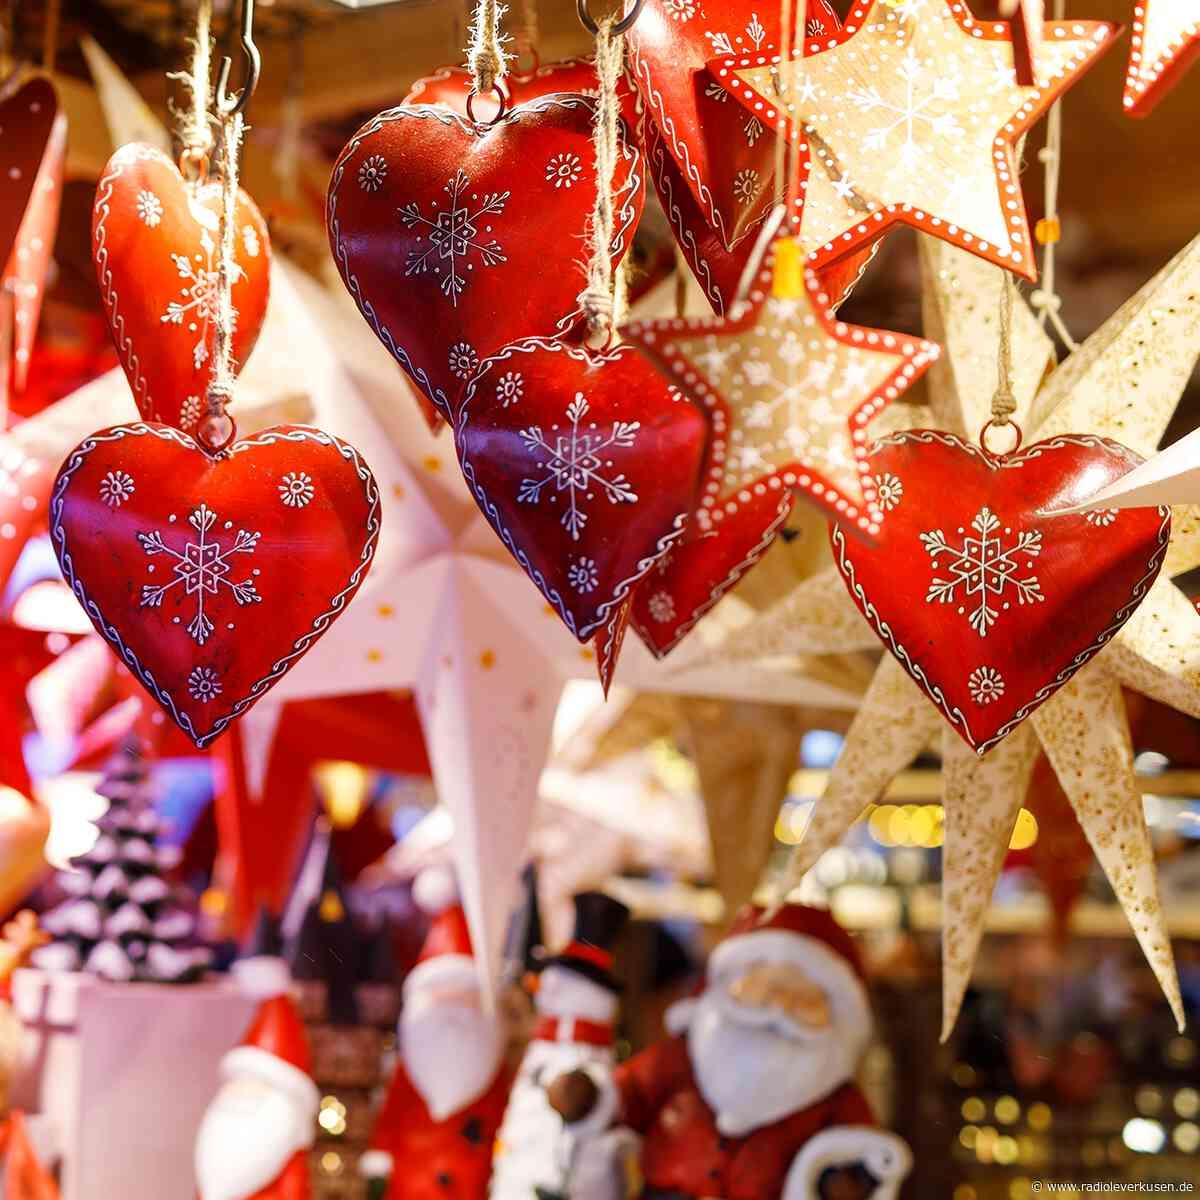 Weihnachtsmärkte in Leverkusen sollen stattfinden - radioleverkusen.de